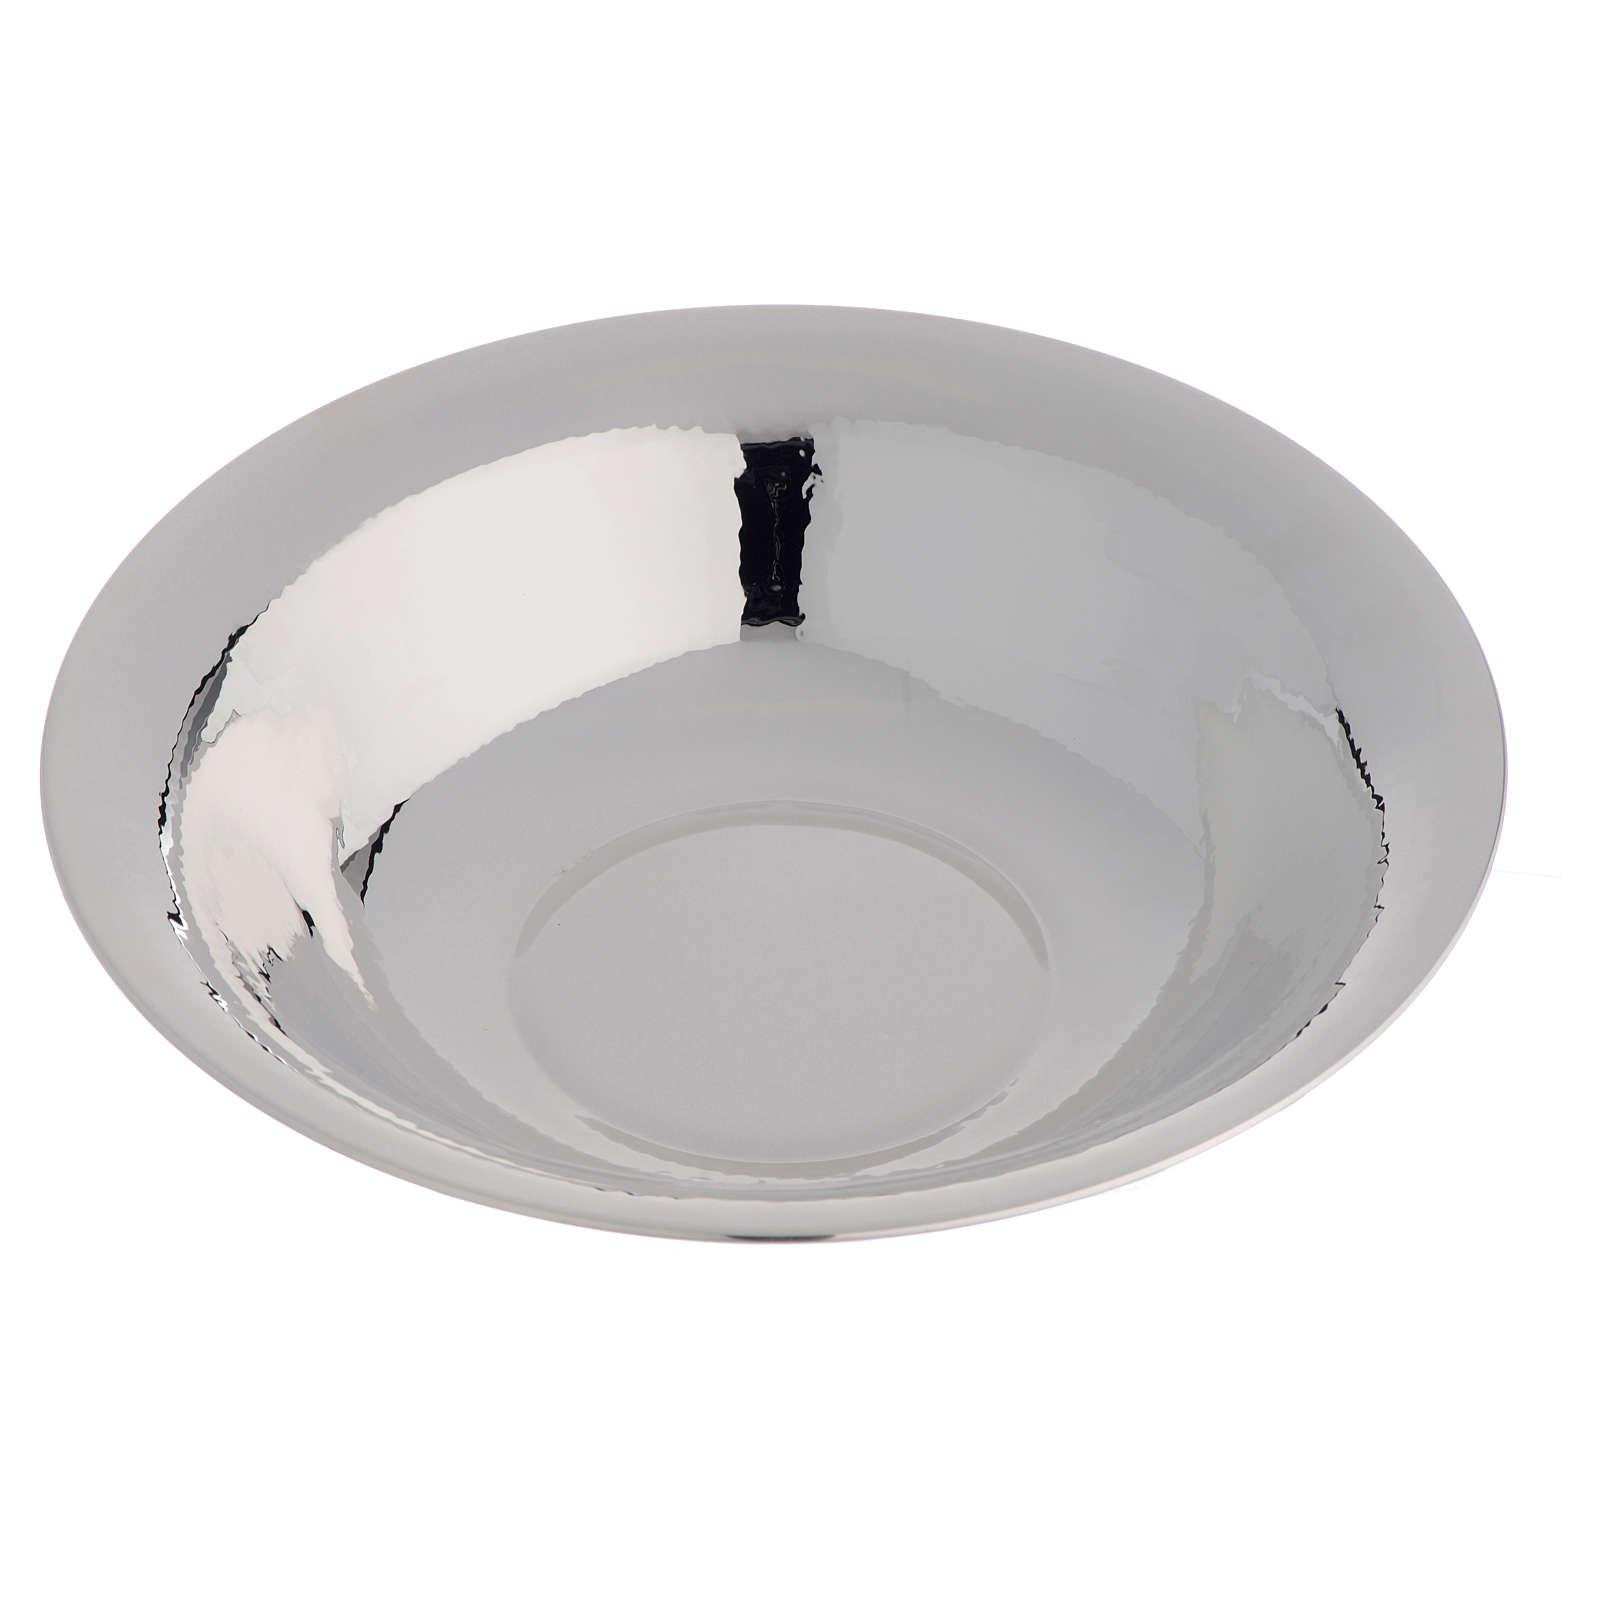 Platos para el lavamanos manutergios plata 800 3